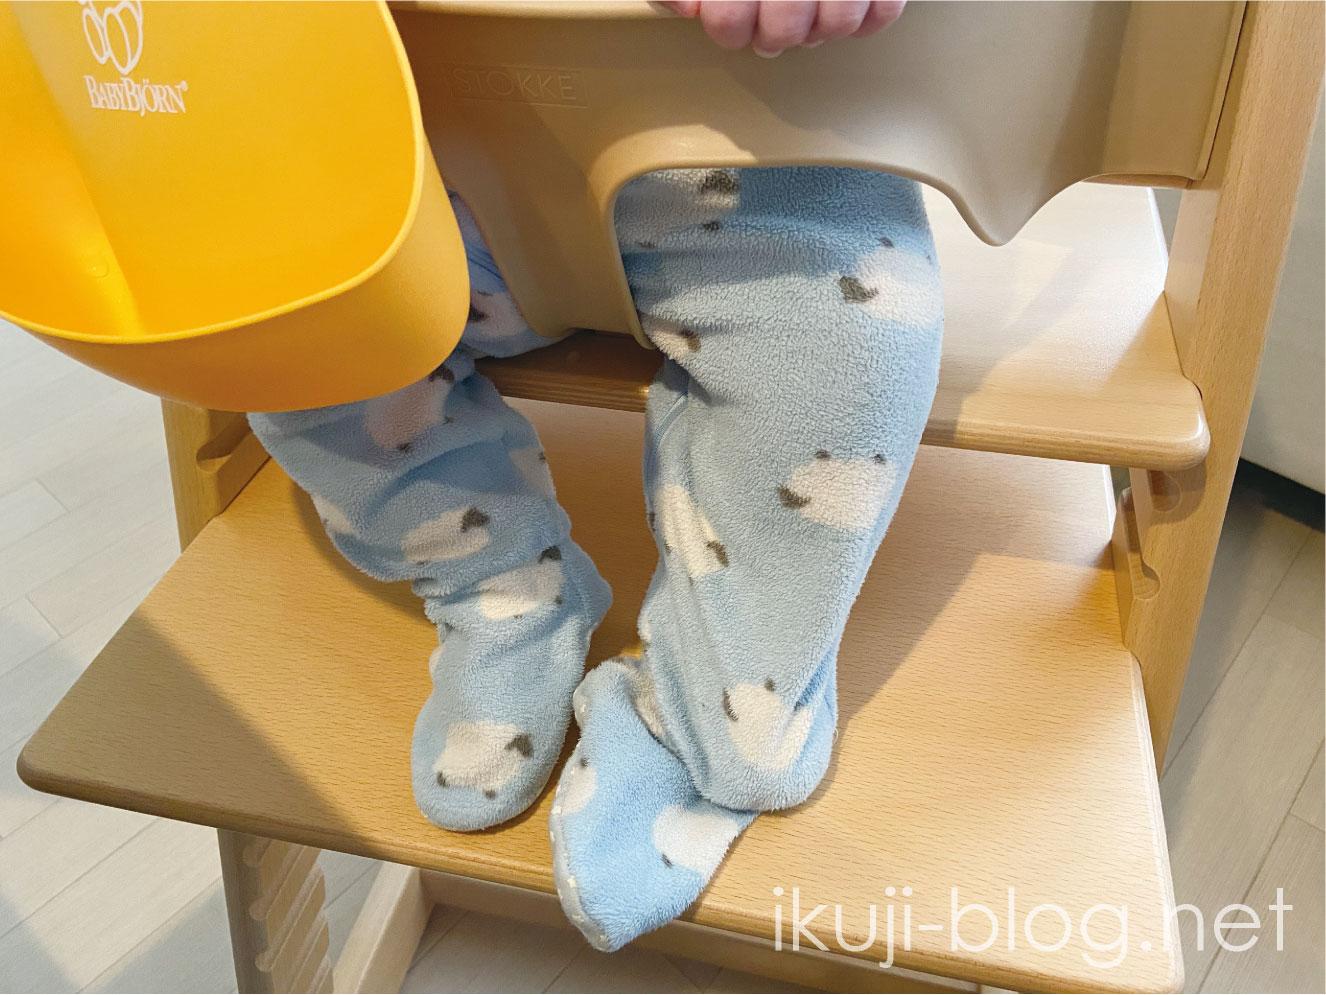 足の裏をトリップトラップの板につける赤ちゃん